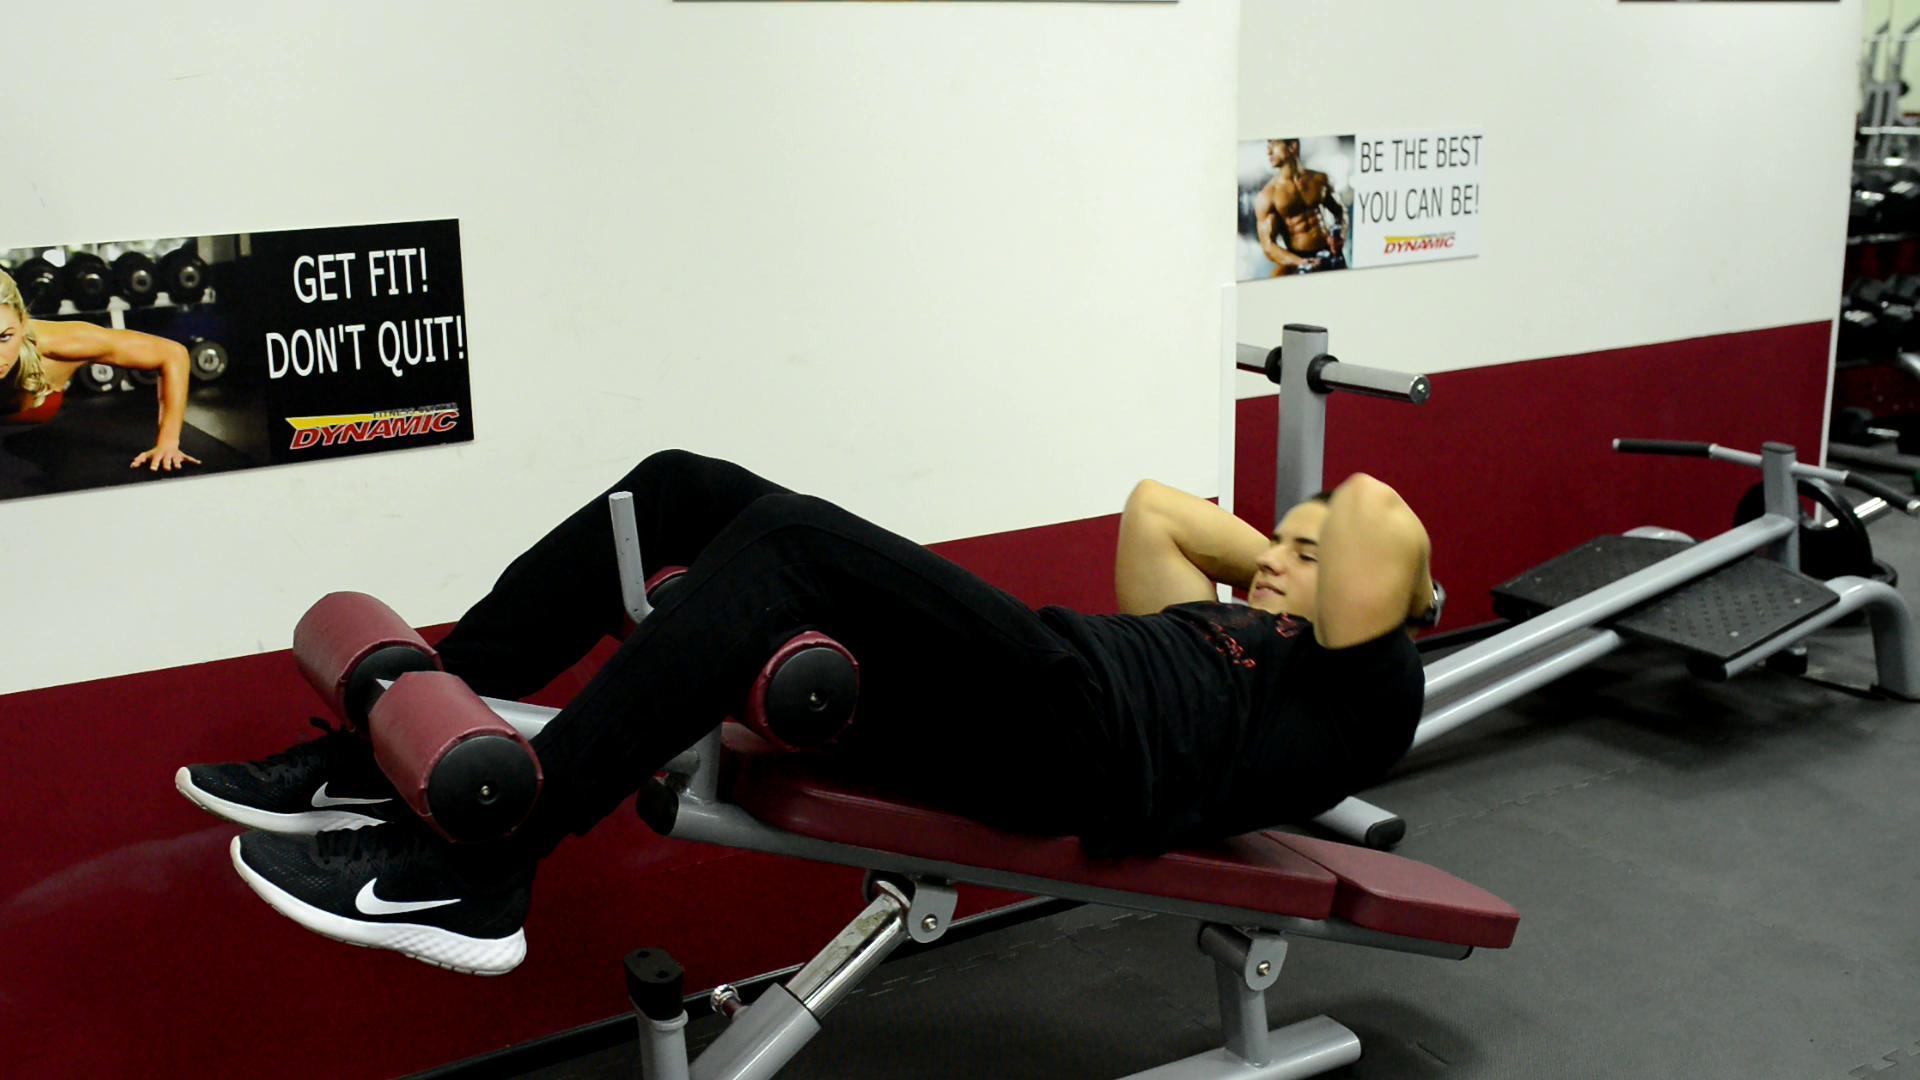 Извиване на тялото встрани / Barbell side twist / 3x15